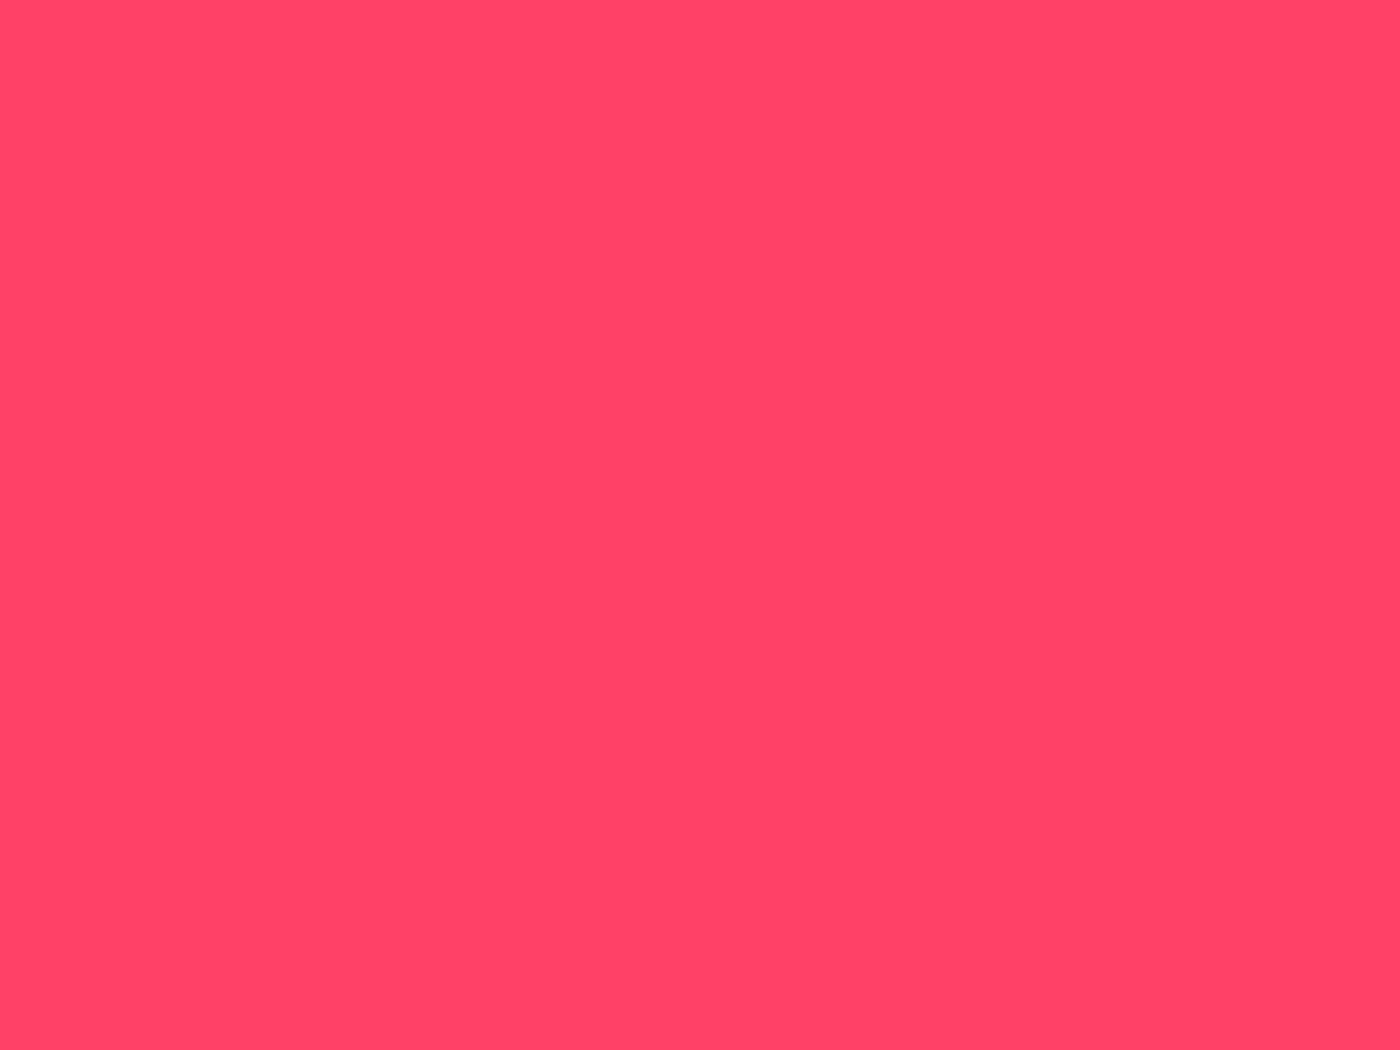 1400x1050 Neon Fuchsia Solid Color Background